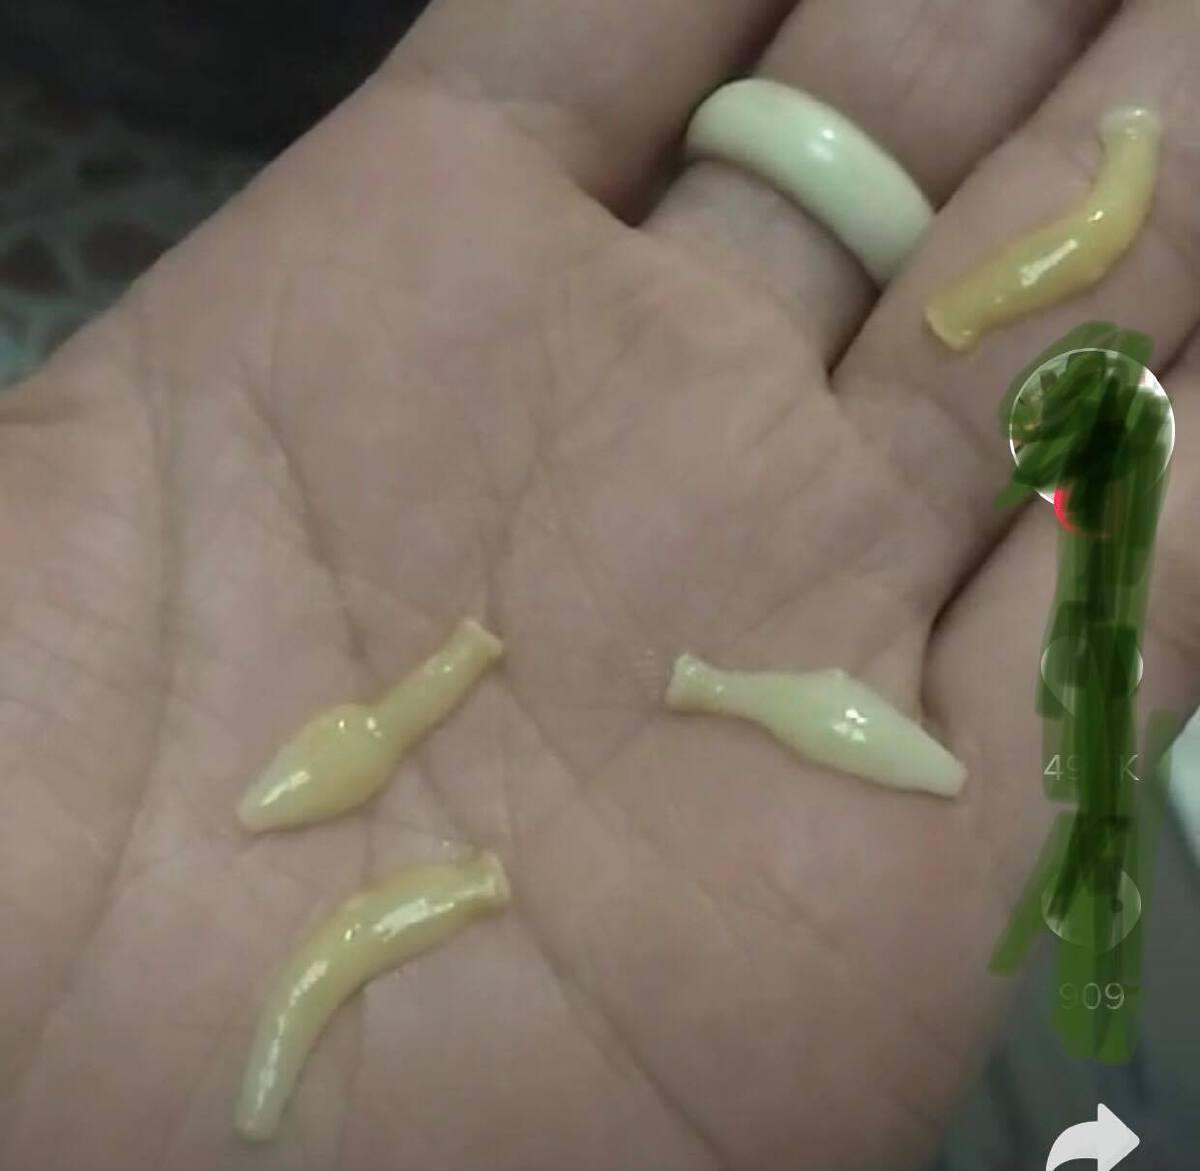 ศูนย์วิจัยฯเผยภาพ ปล้องสุกของพยาธิตืด ออกมาจากผู้ที่กิน ลาบก้อยวัวดิบ